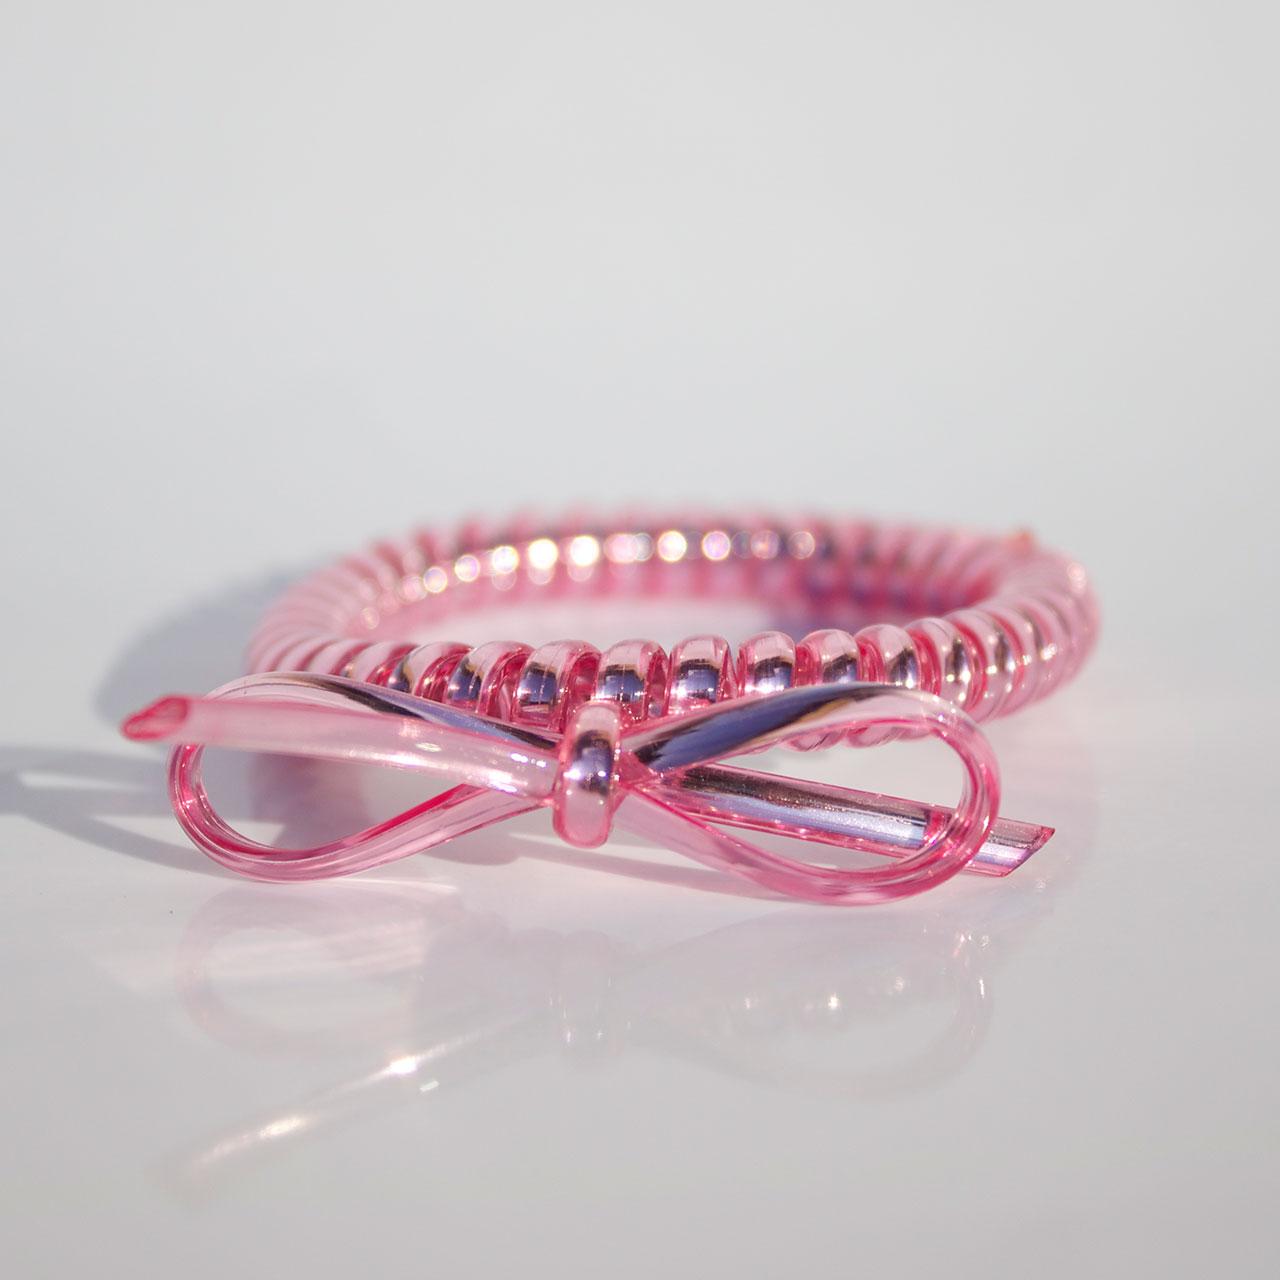 Ružová gumička do vlasov s mašličkou Hairfix - Metallic Bow Pink